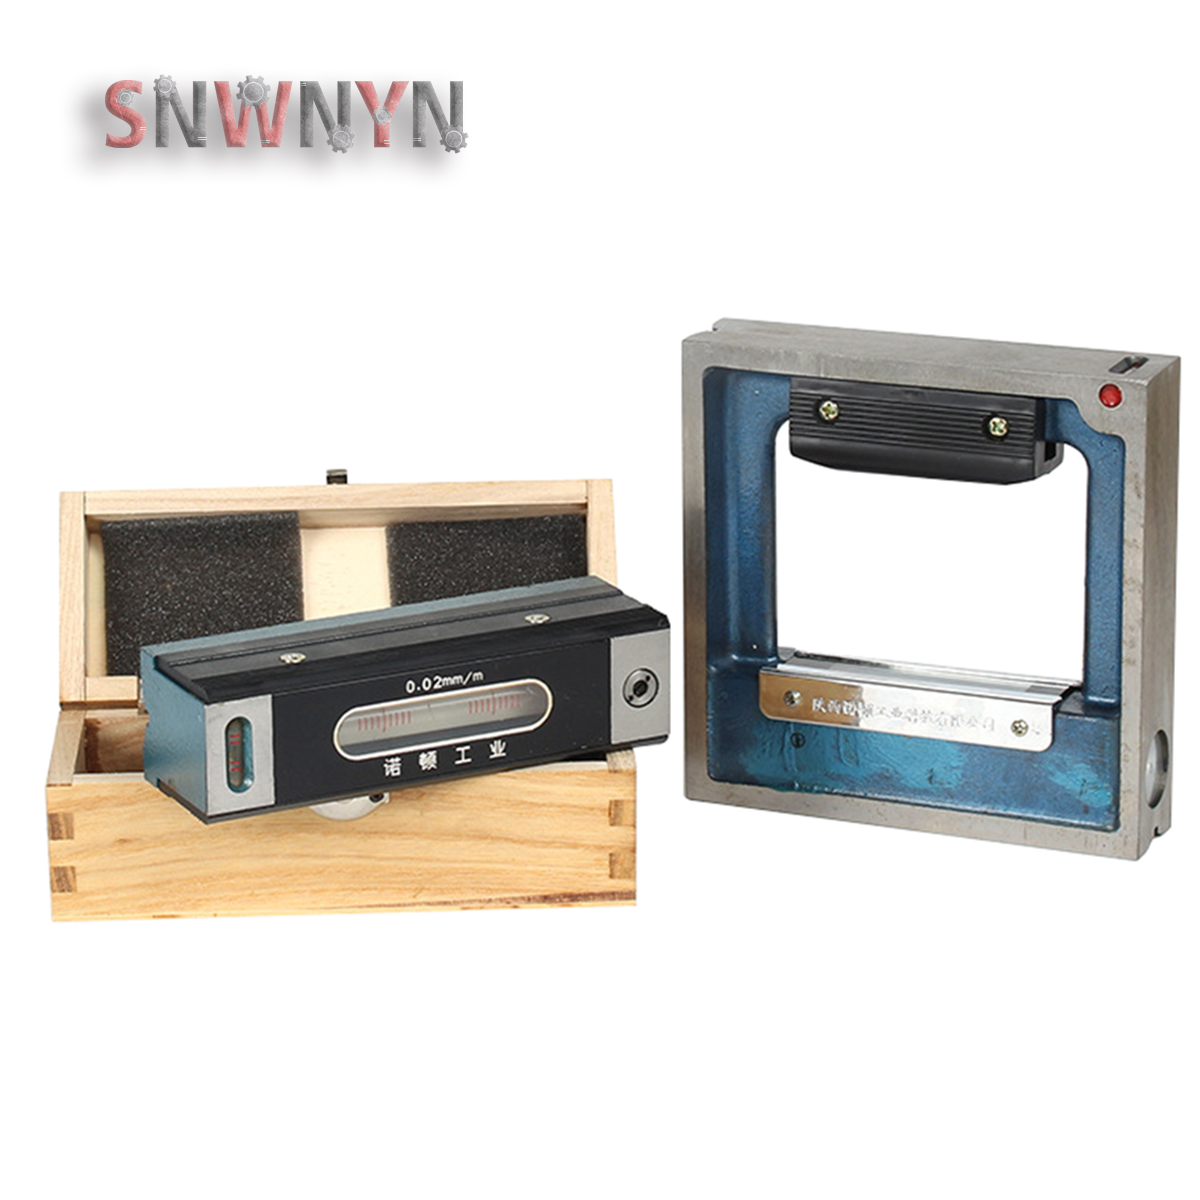 0 02 0 05mm 100 150 200 250 300mm Mechanical Frame level Bar Level Meter Instrument Measuring Tools for Equipment Adjustment